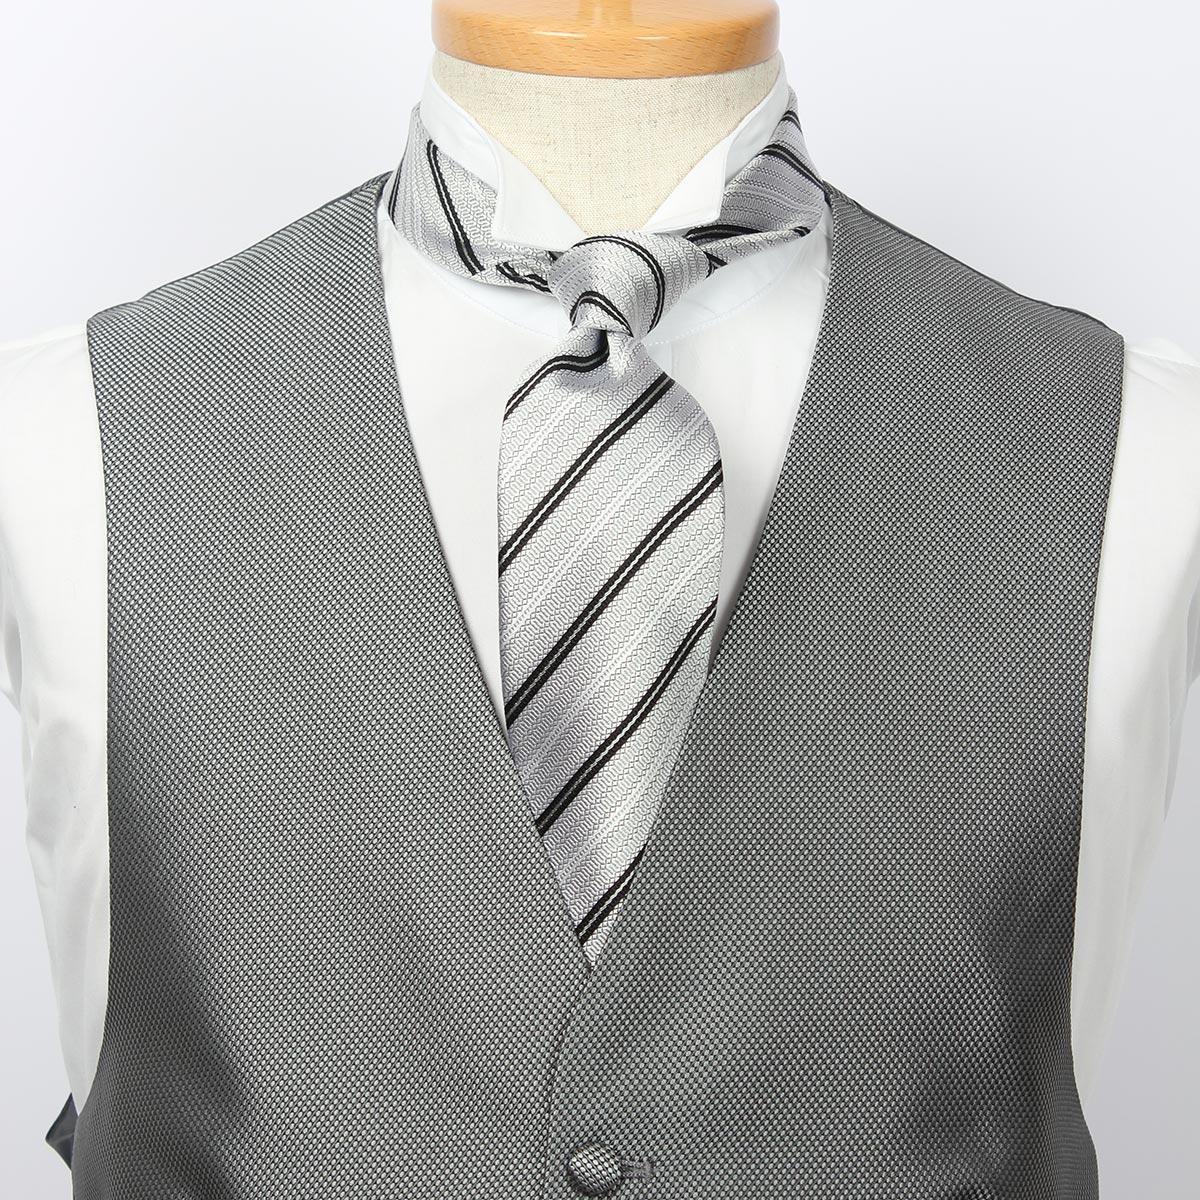 フォーマルベスト&タイ4点セット。フォーマルベスト、ネクタイ、ウイングカラーシャツ、ポケットチーフがセットになったお得なフォーマルベストセット/グレーベスト メンズ 日本製